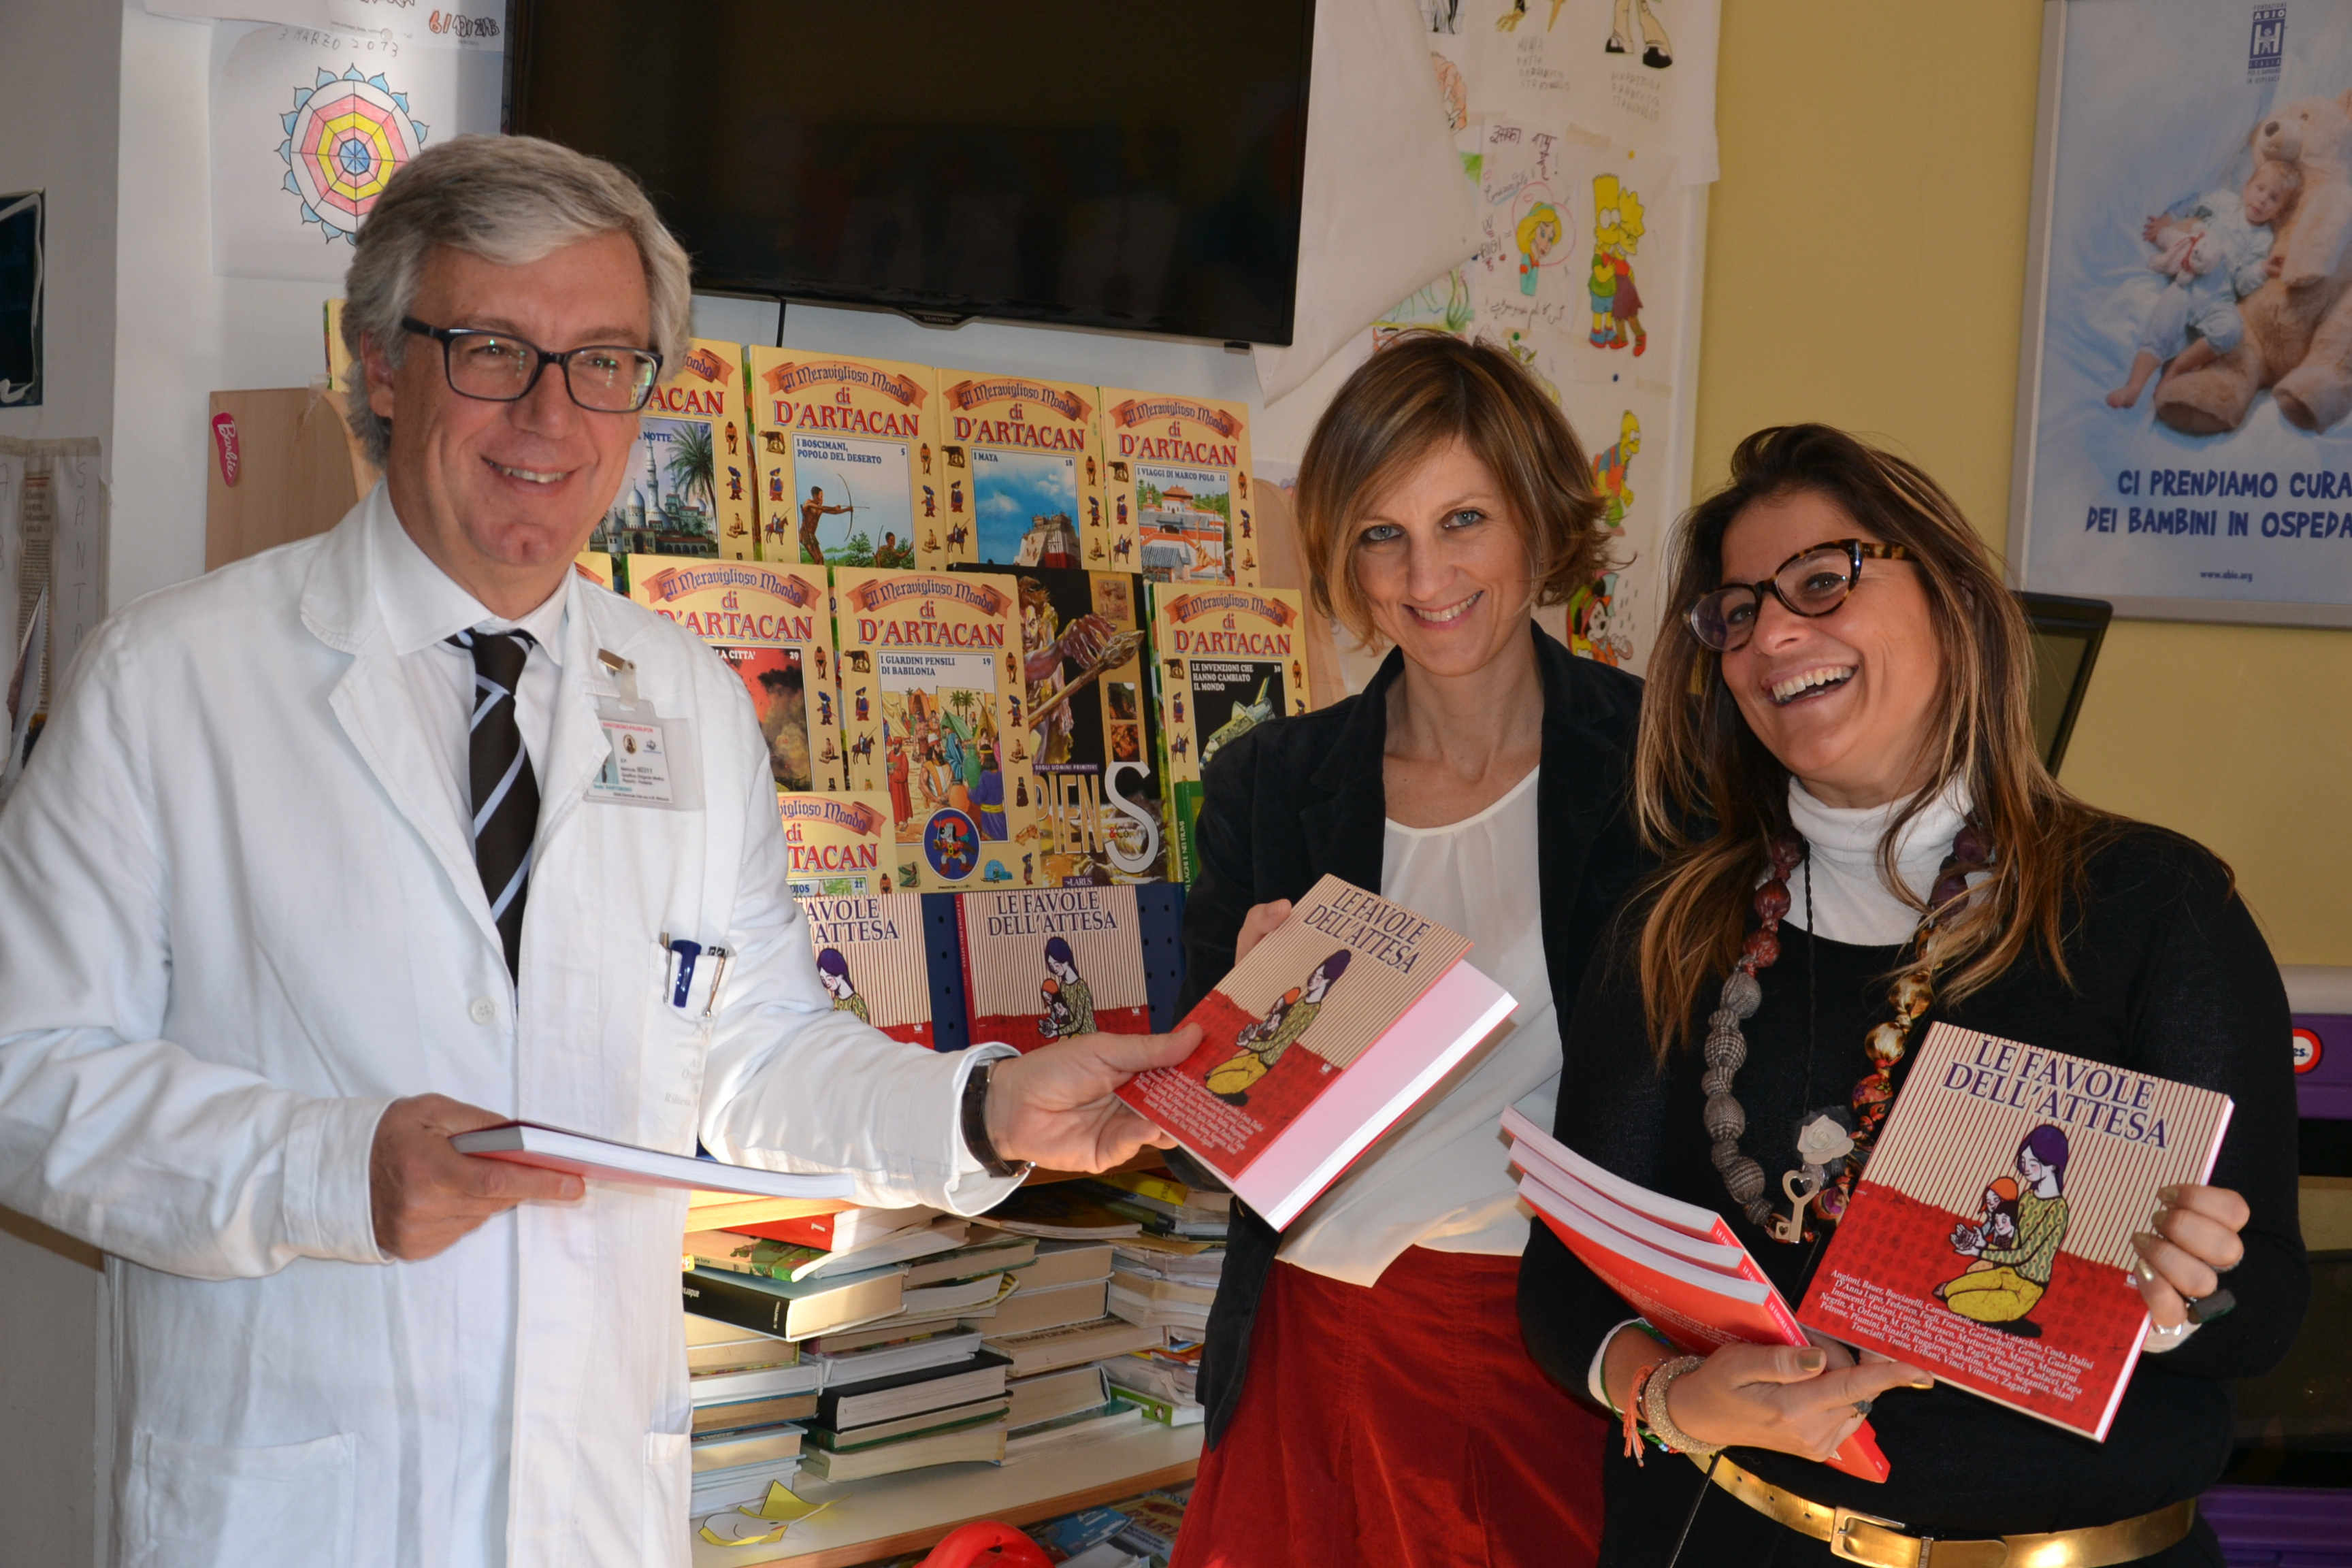 """""""Regalaci un libro!"""": l'iniziativa culturale a Volla per i bambini dell'ospedale Santobono di Napoli"""